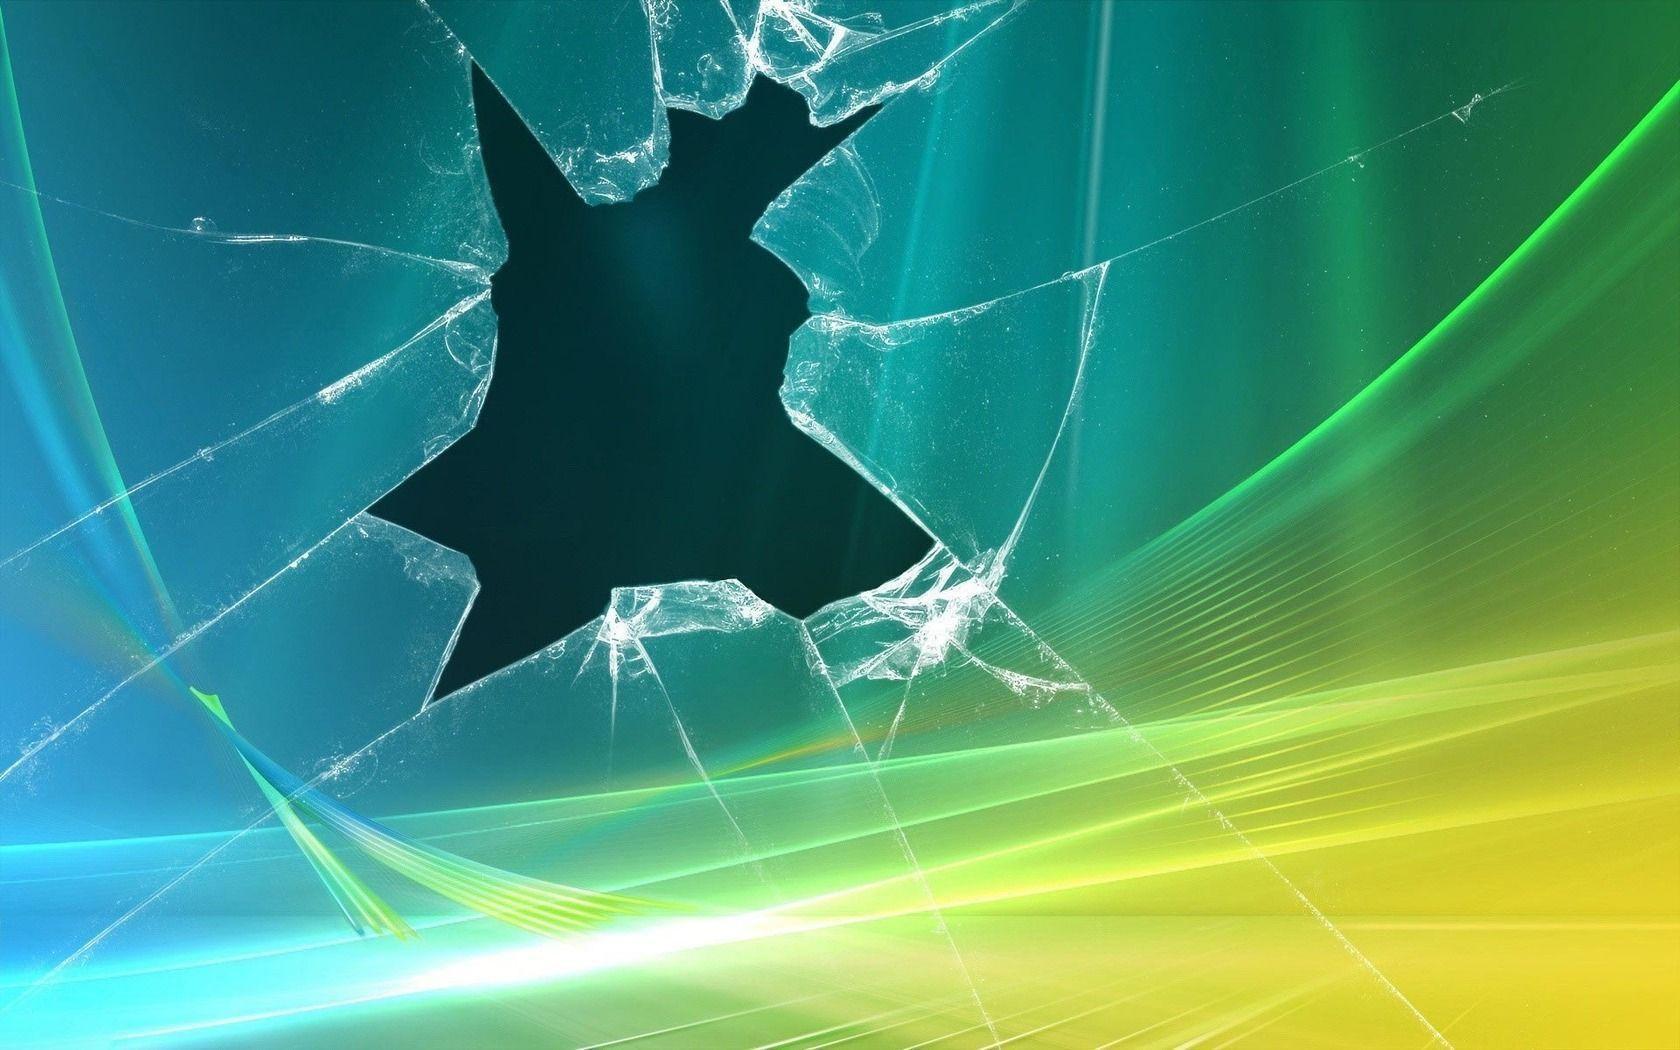 cracked screen wallpaper macbook - photo #4